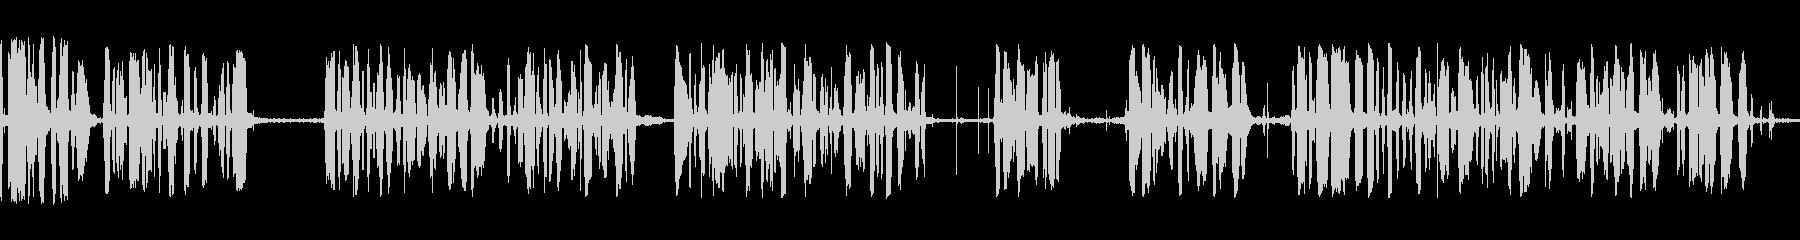 アナウンサーカーレースメガホンbの未再生の波形